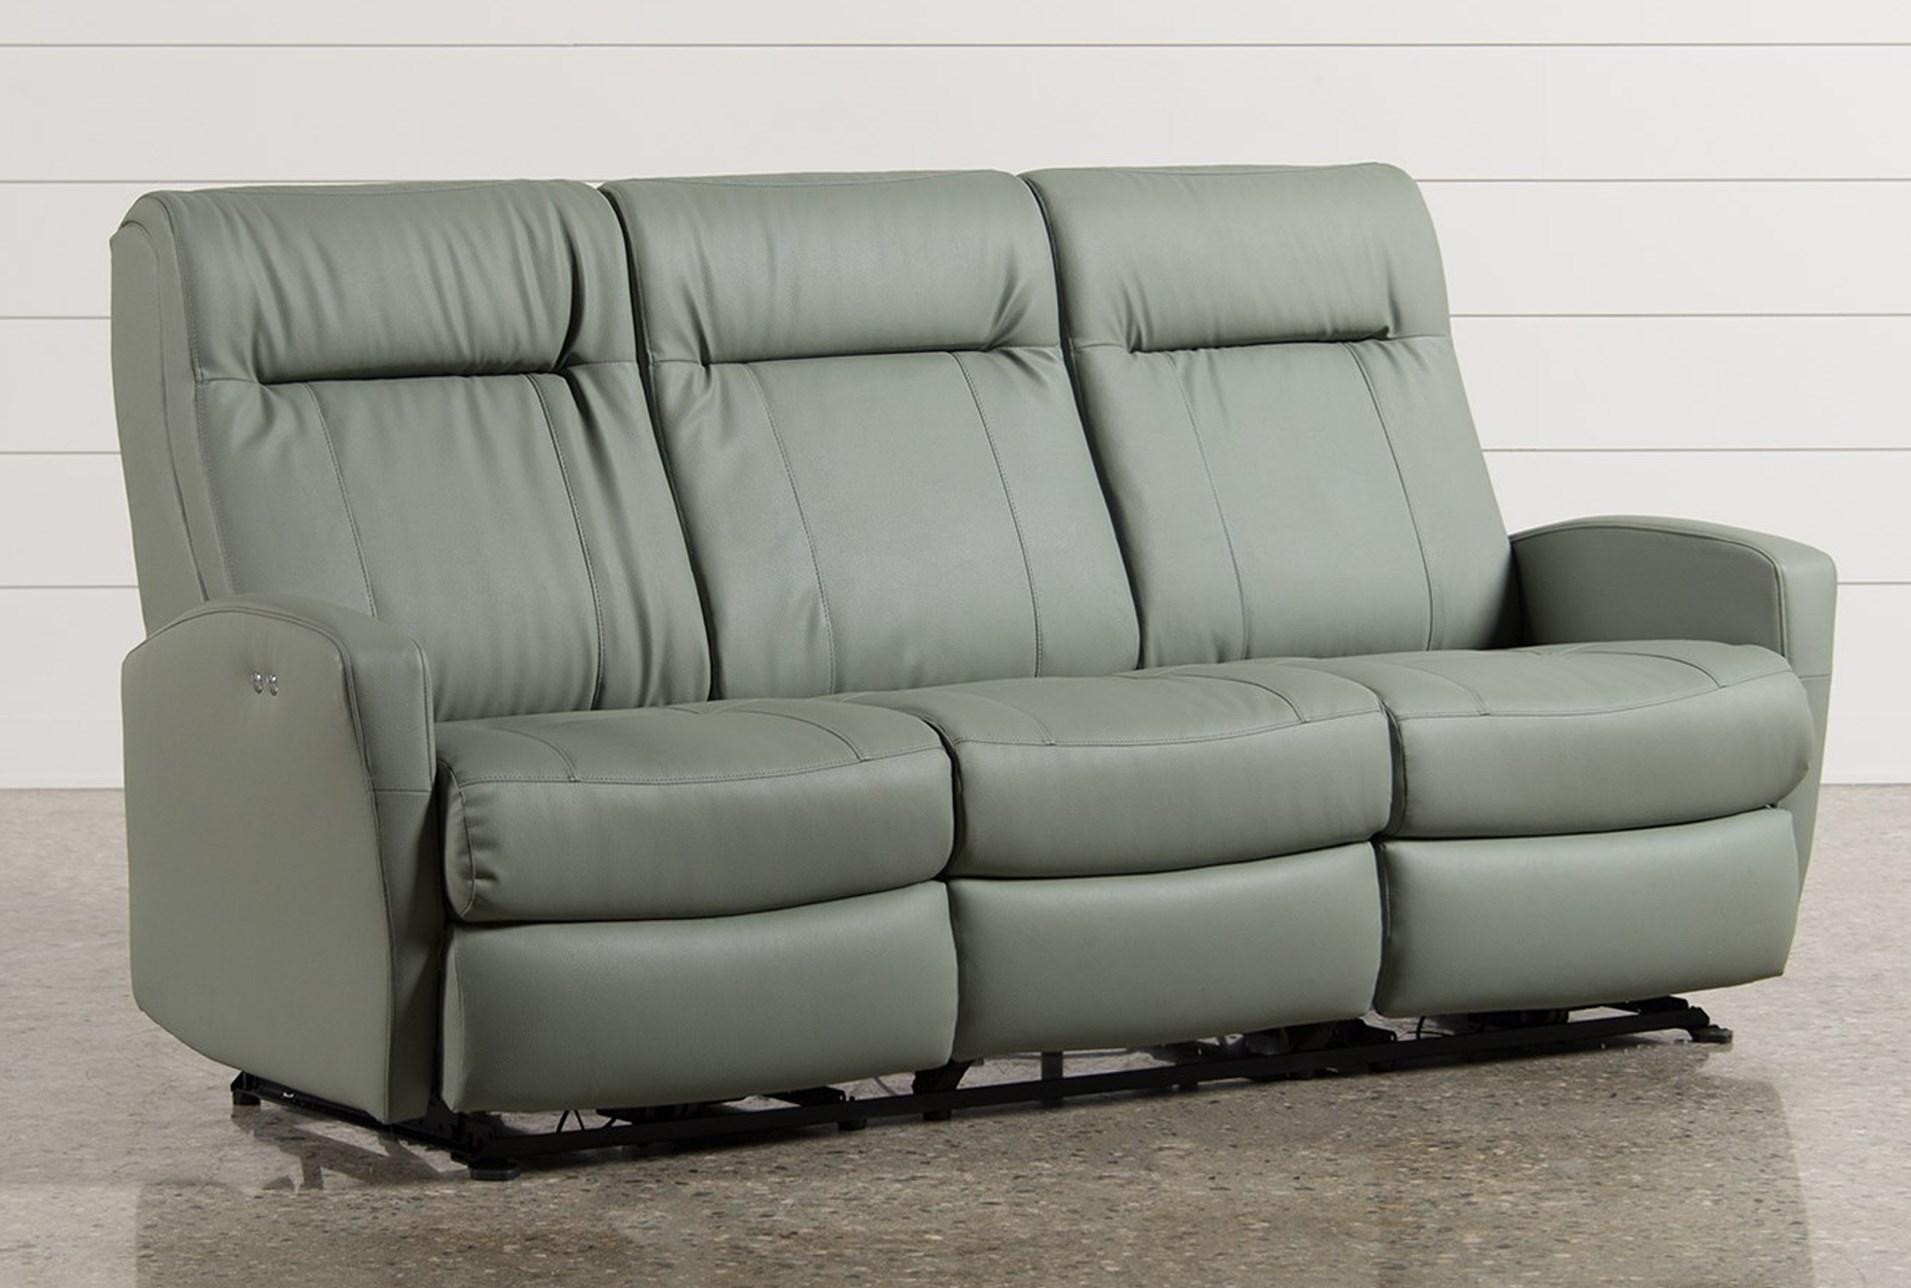 Zachery Power Reclining Sofa